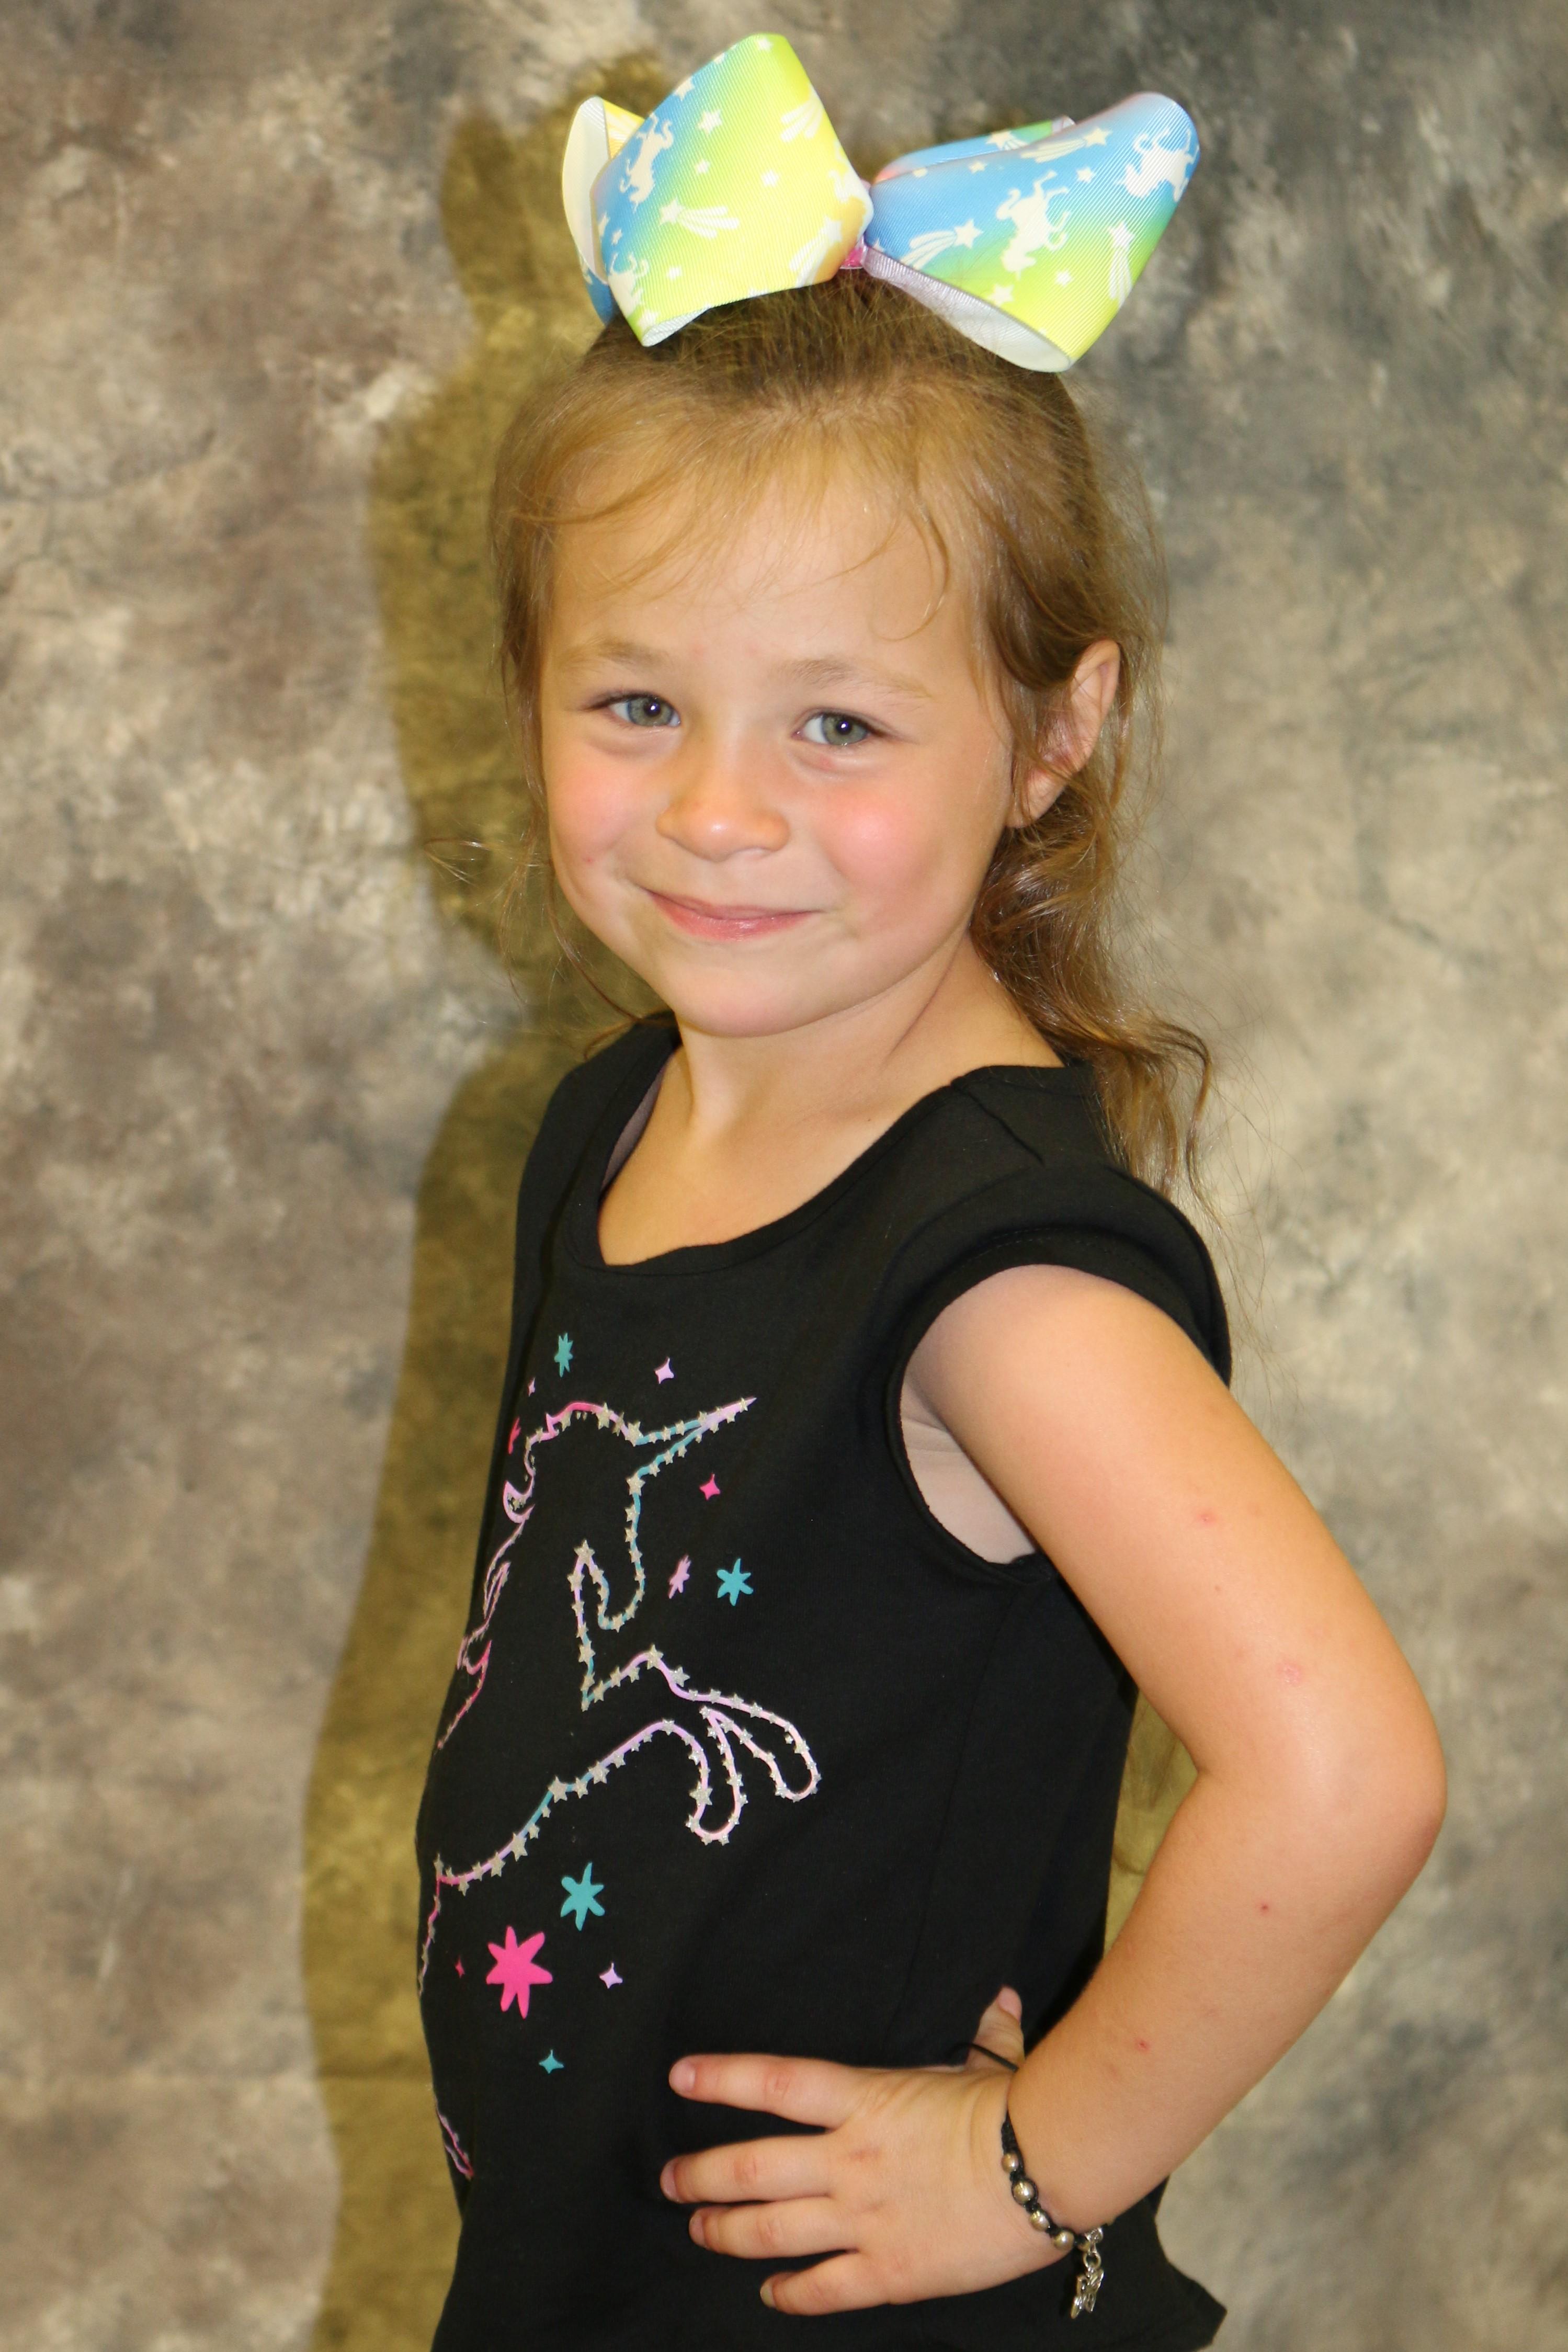 Little Miss Contestant - Cheyenne Denney 5